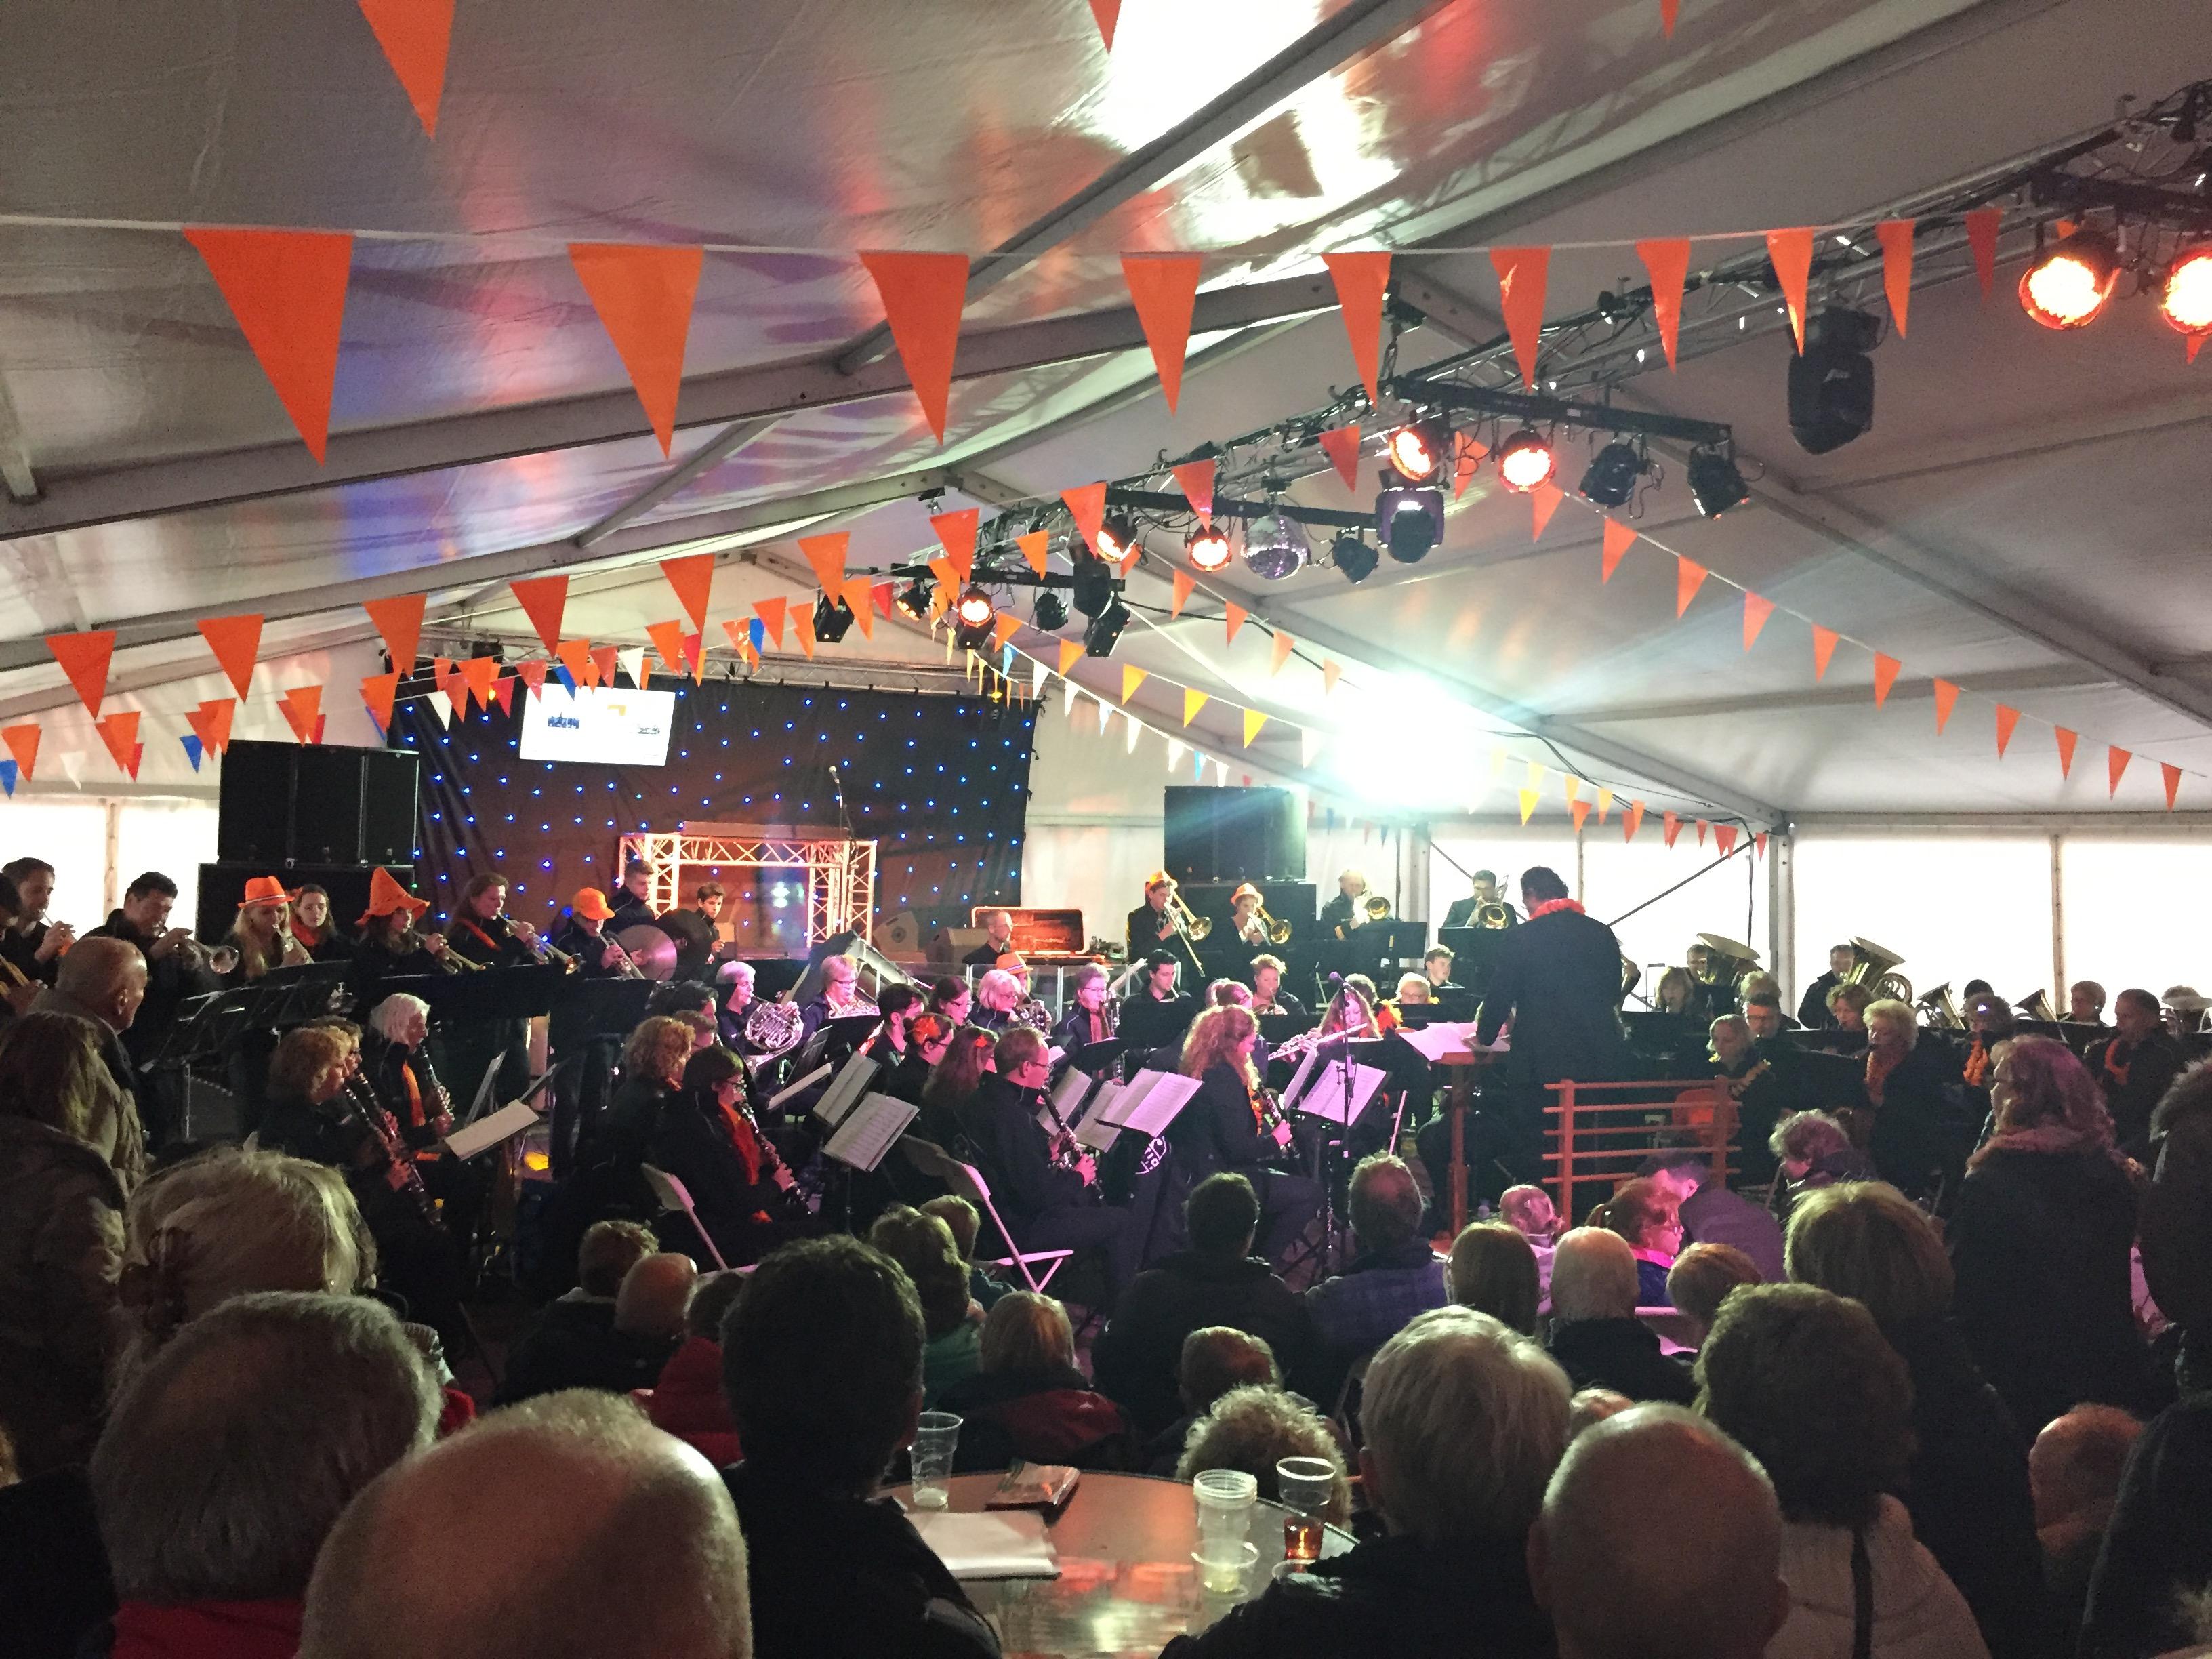 Het Koningsavondconcert van vorig jaar. (Foto: aangeleverd)